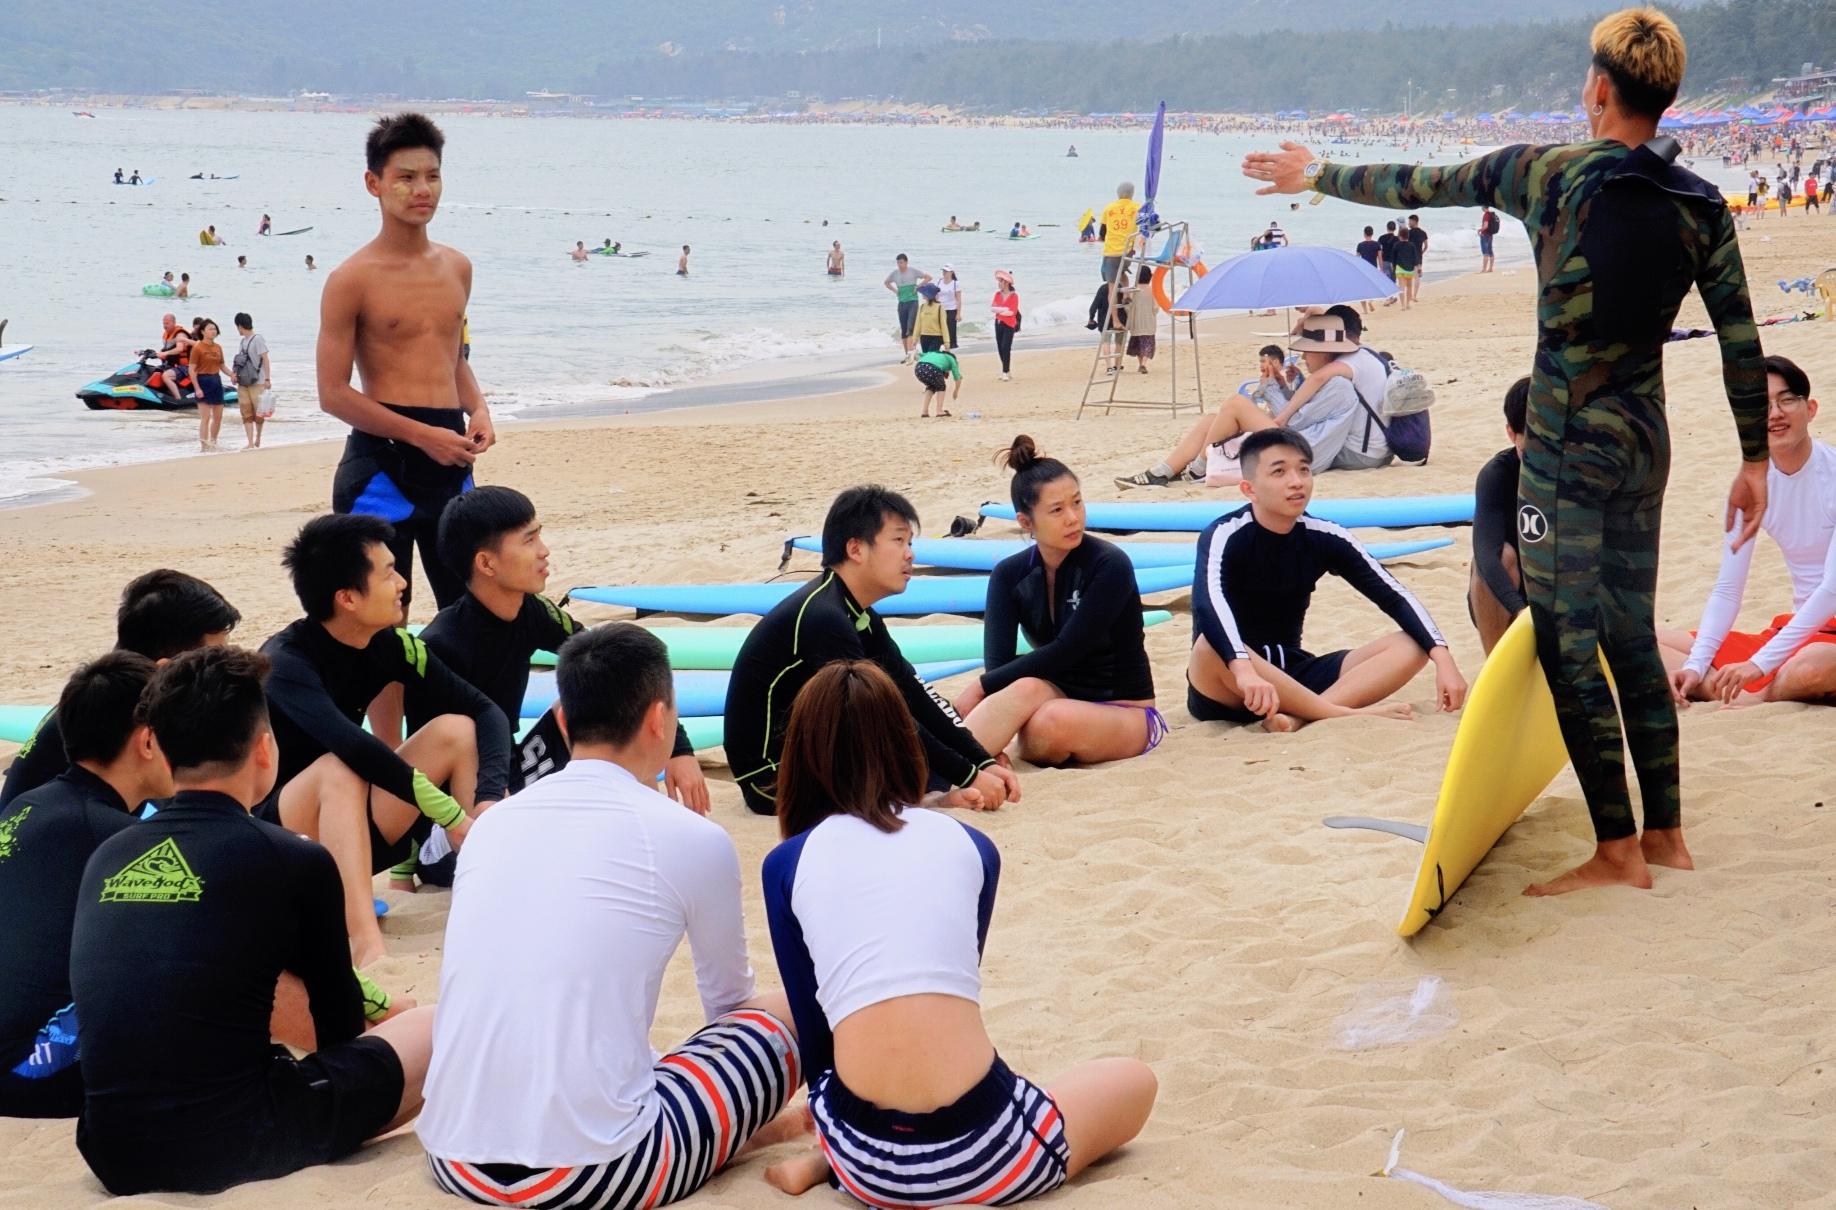 教练手把手教学让你快速掌握冲浪的技巧和方法